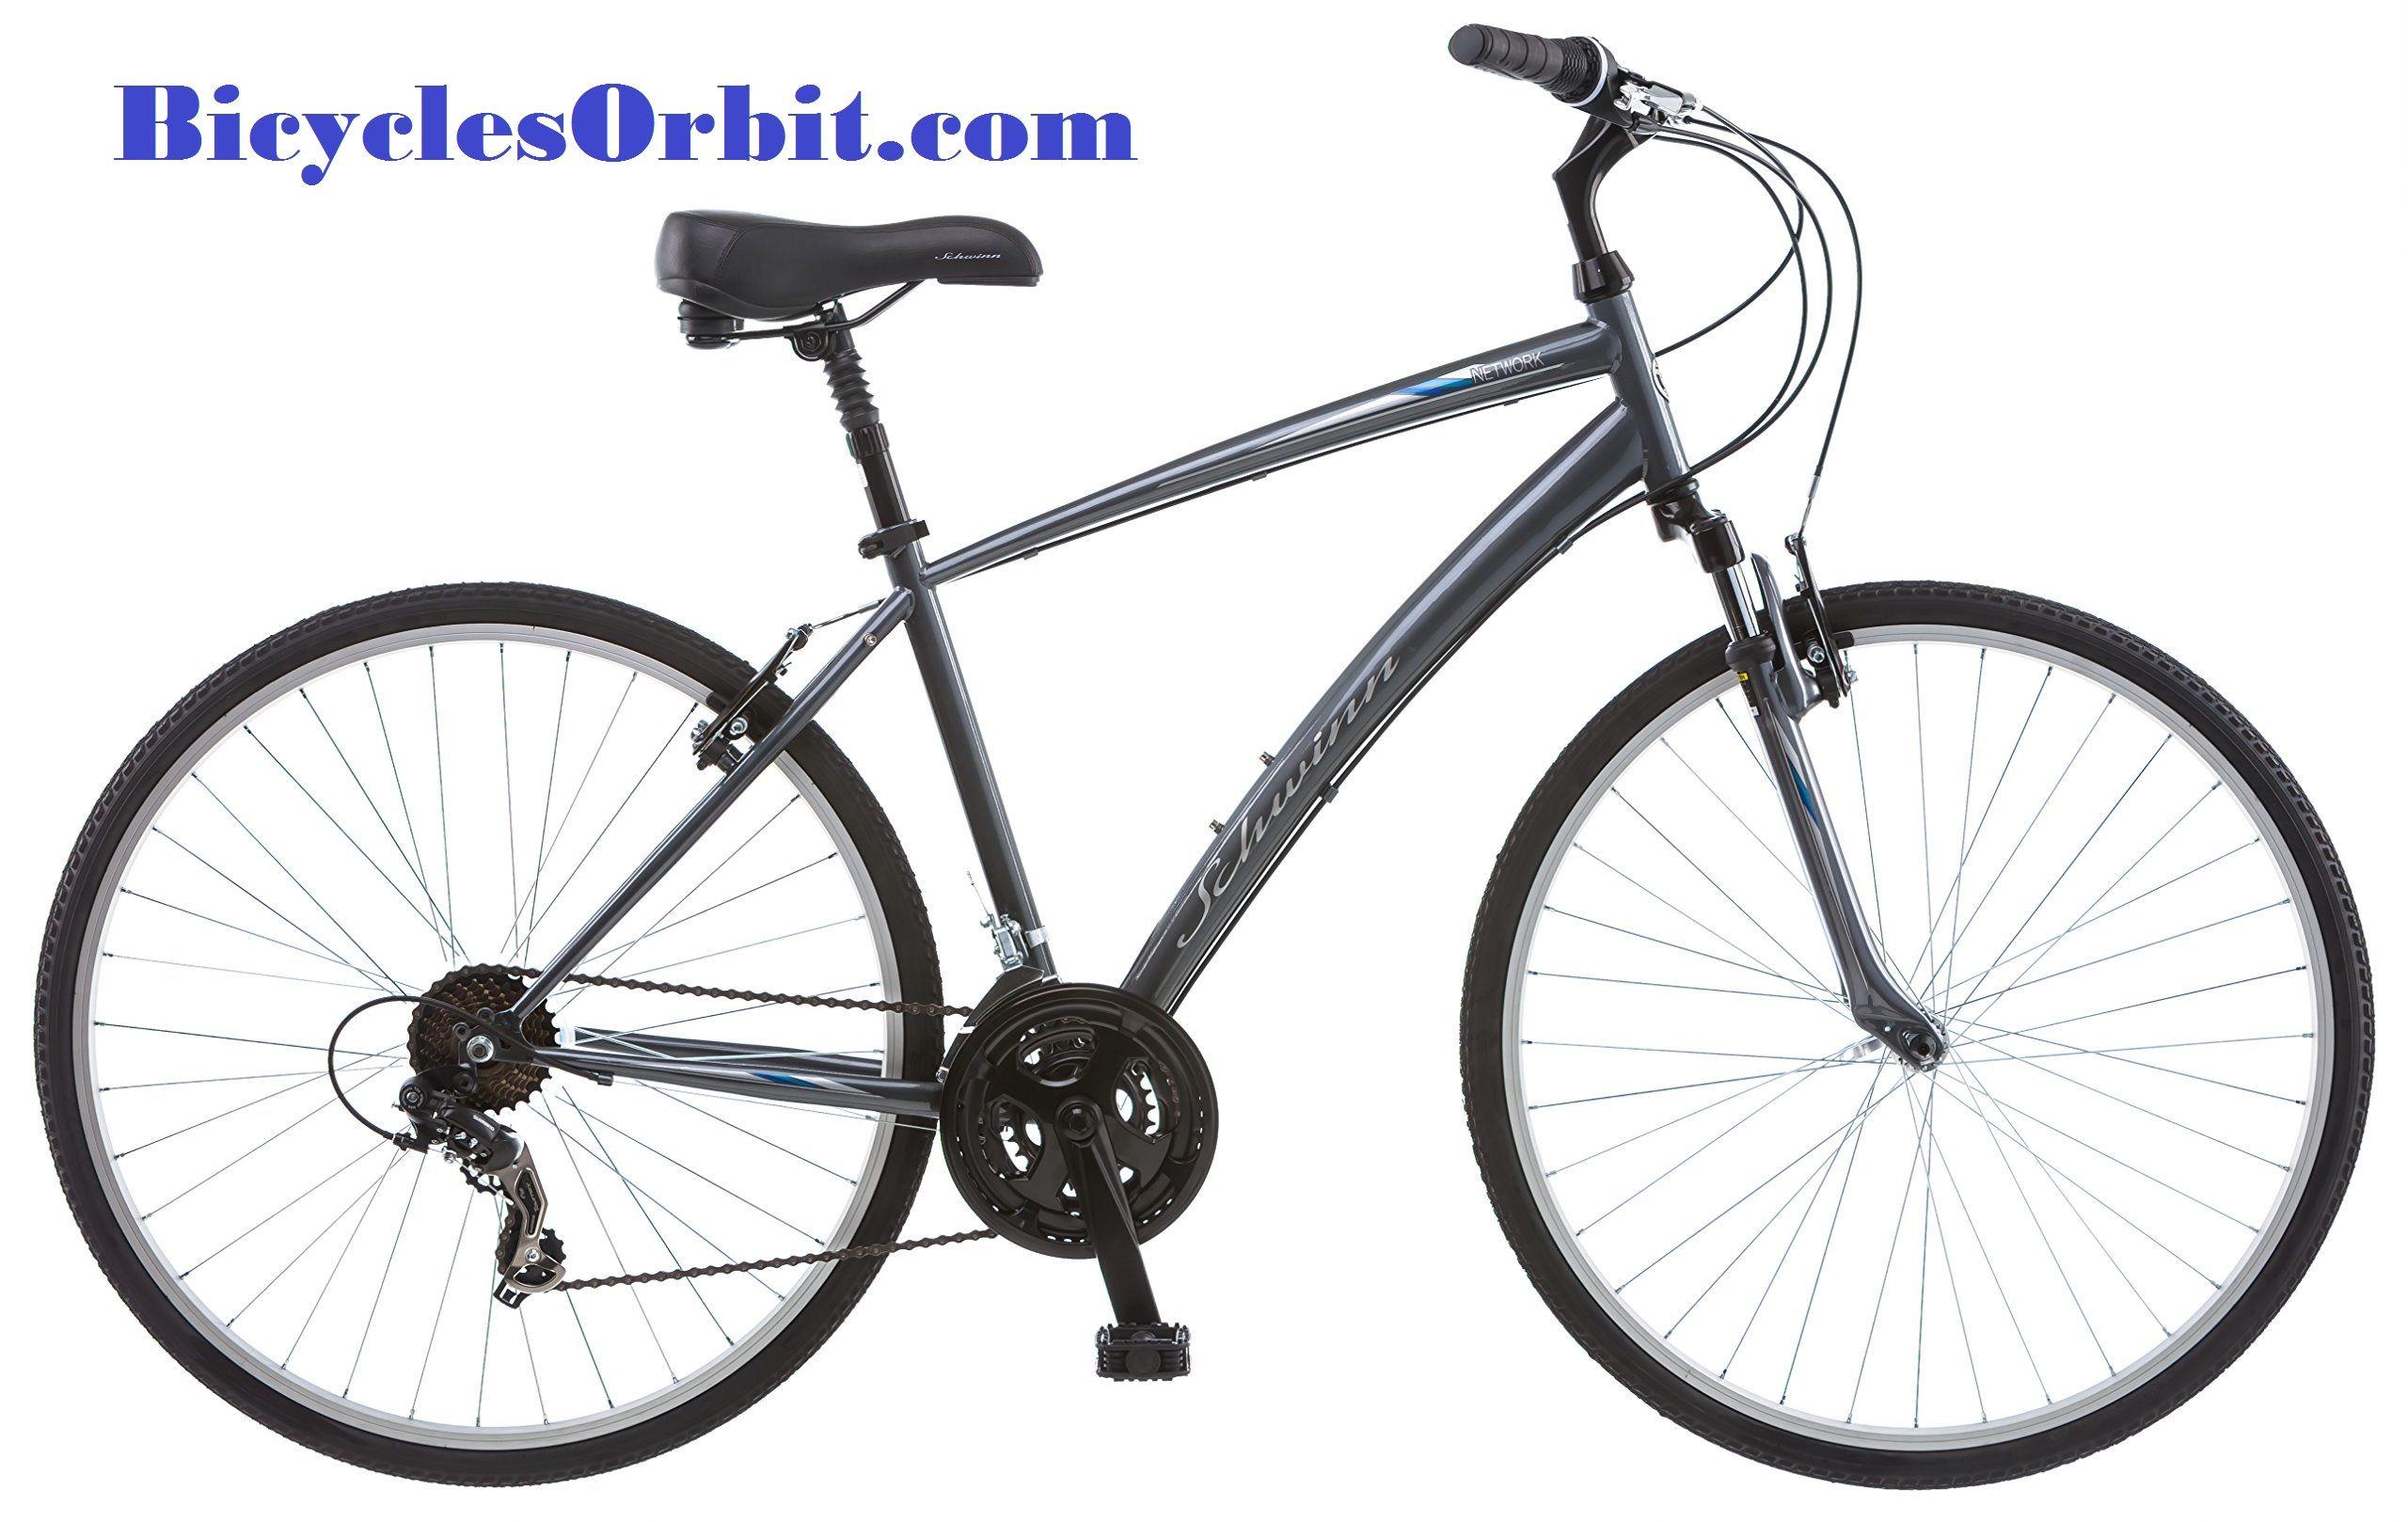 Schwinn Discover Men S Hybrid Bike Review Of 2018 Hybrid Bike Commuter Bike Hybrid Bicycle